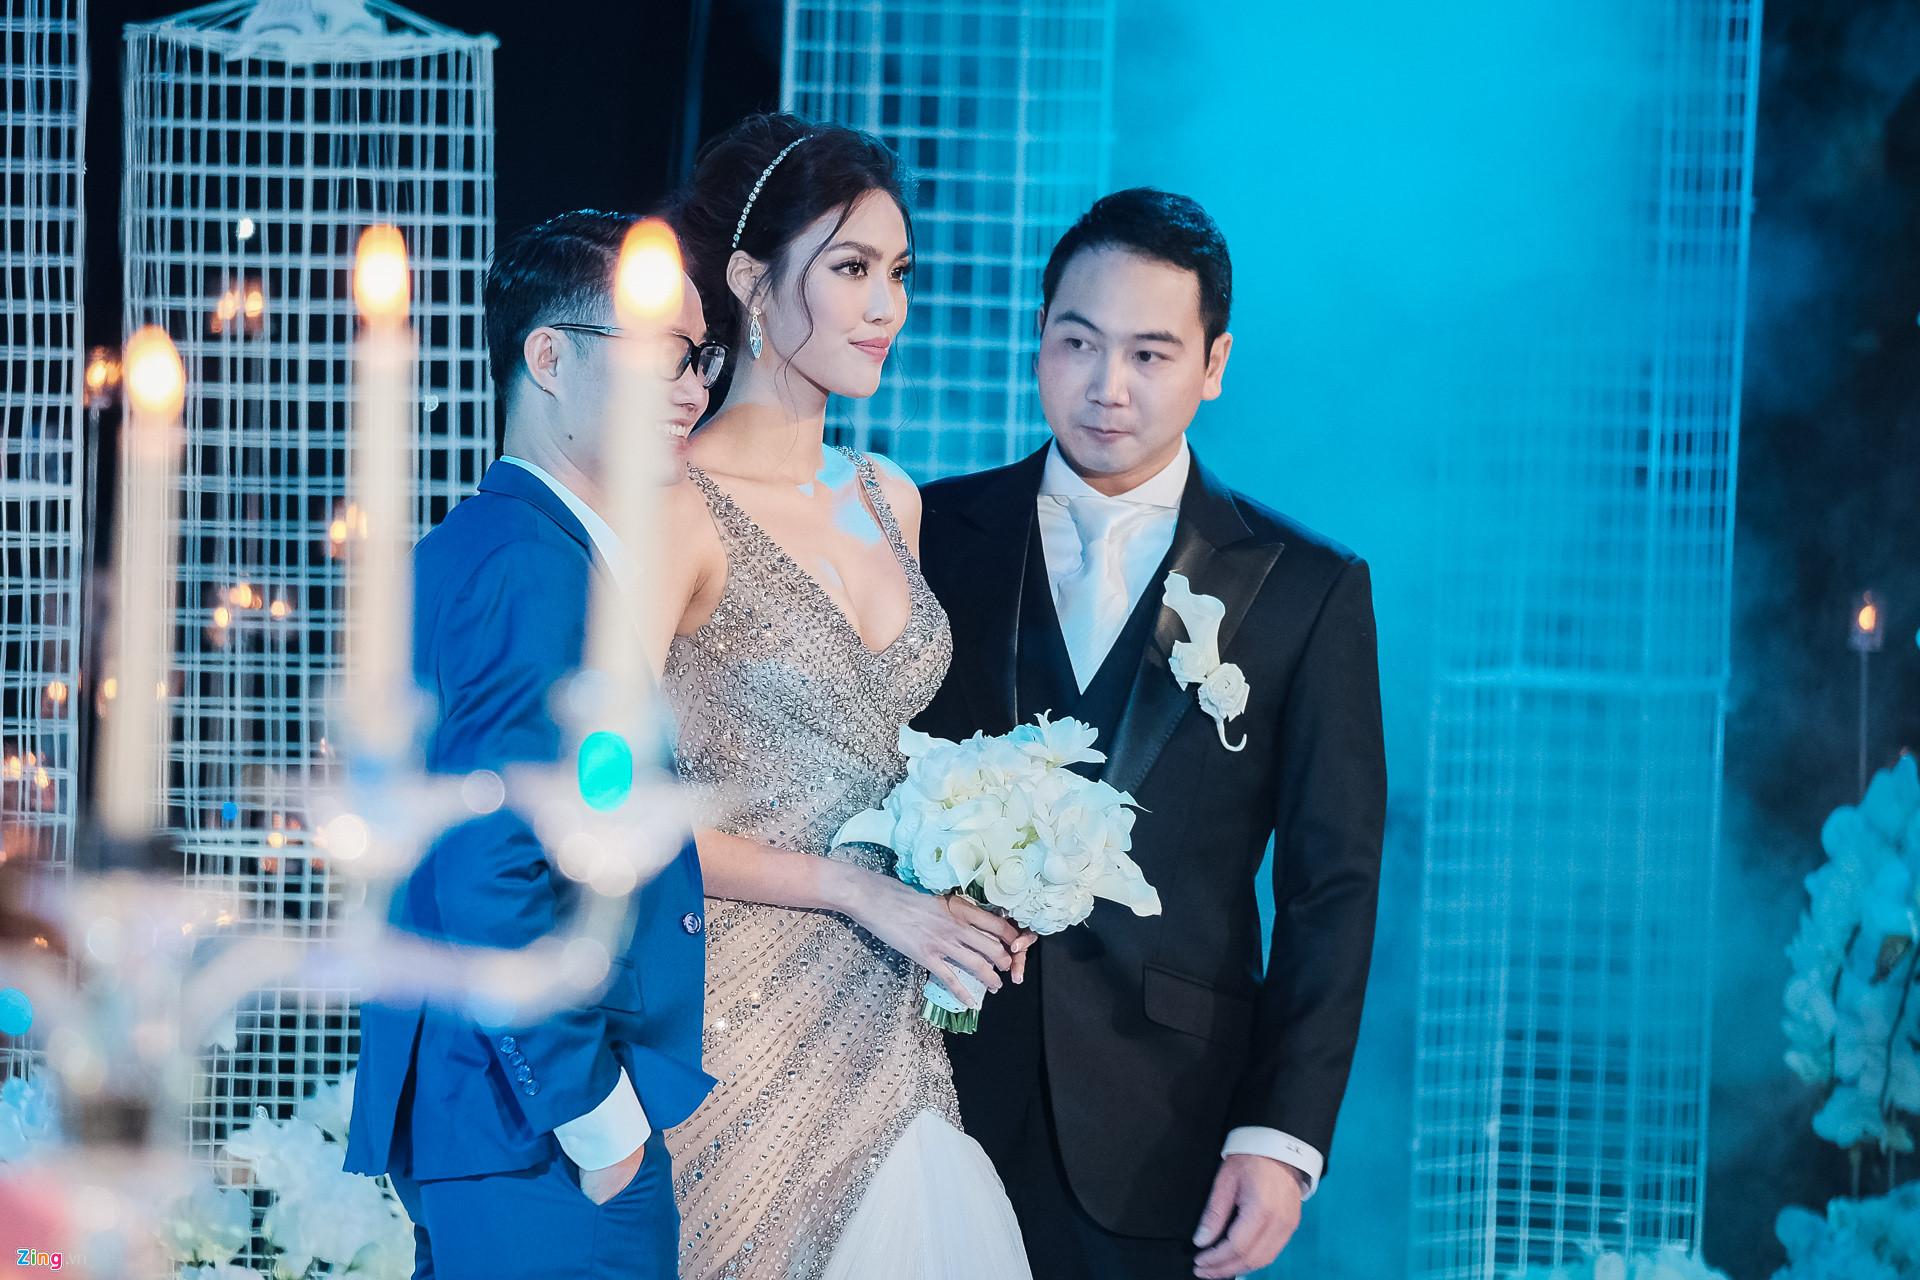 Váy cưới của Lan Khuê giá 500 triệu nhưng đây mới là điều gây choáng nhất - Ảnh 7